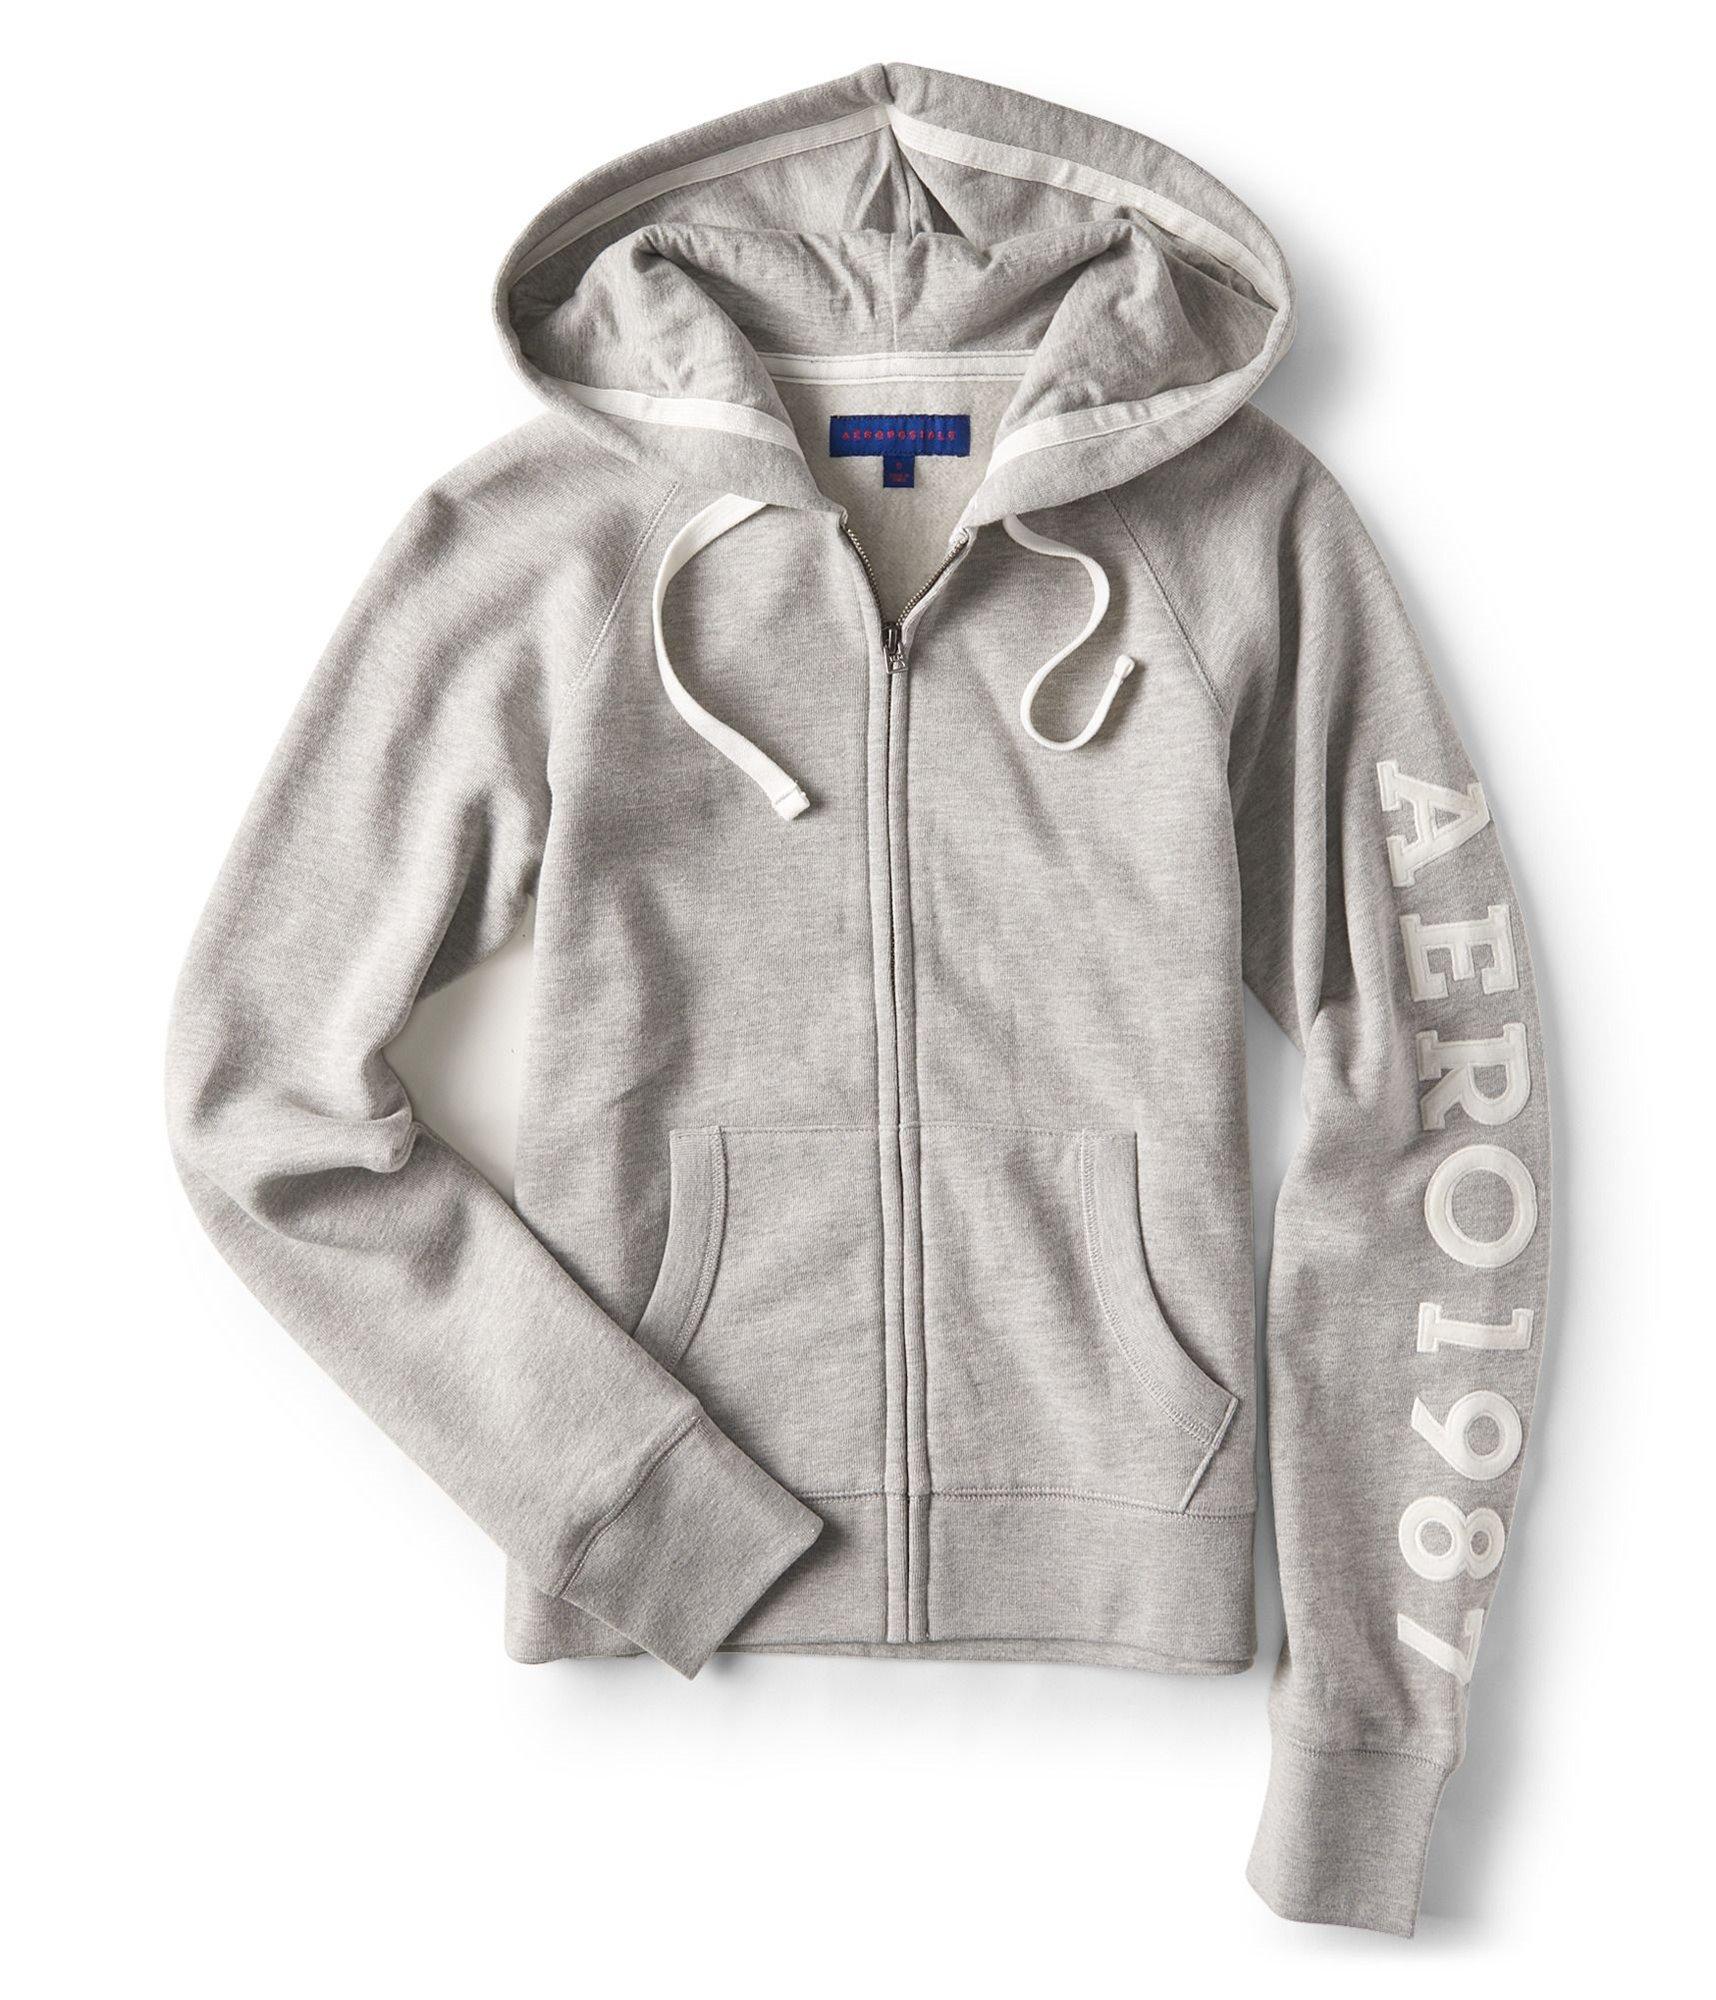 Aeropostale Womens 1987 Hoodie Sweatshirt Grey L - Juniors